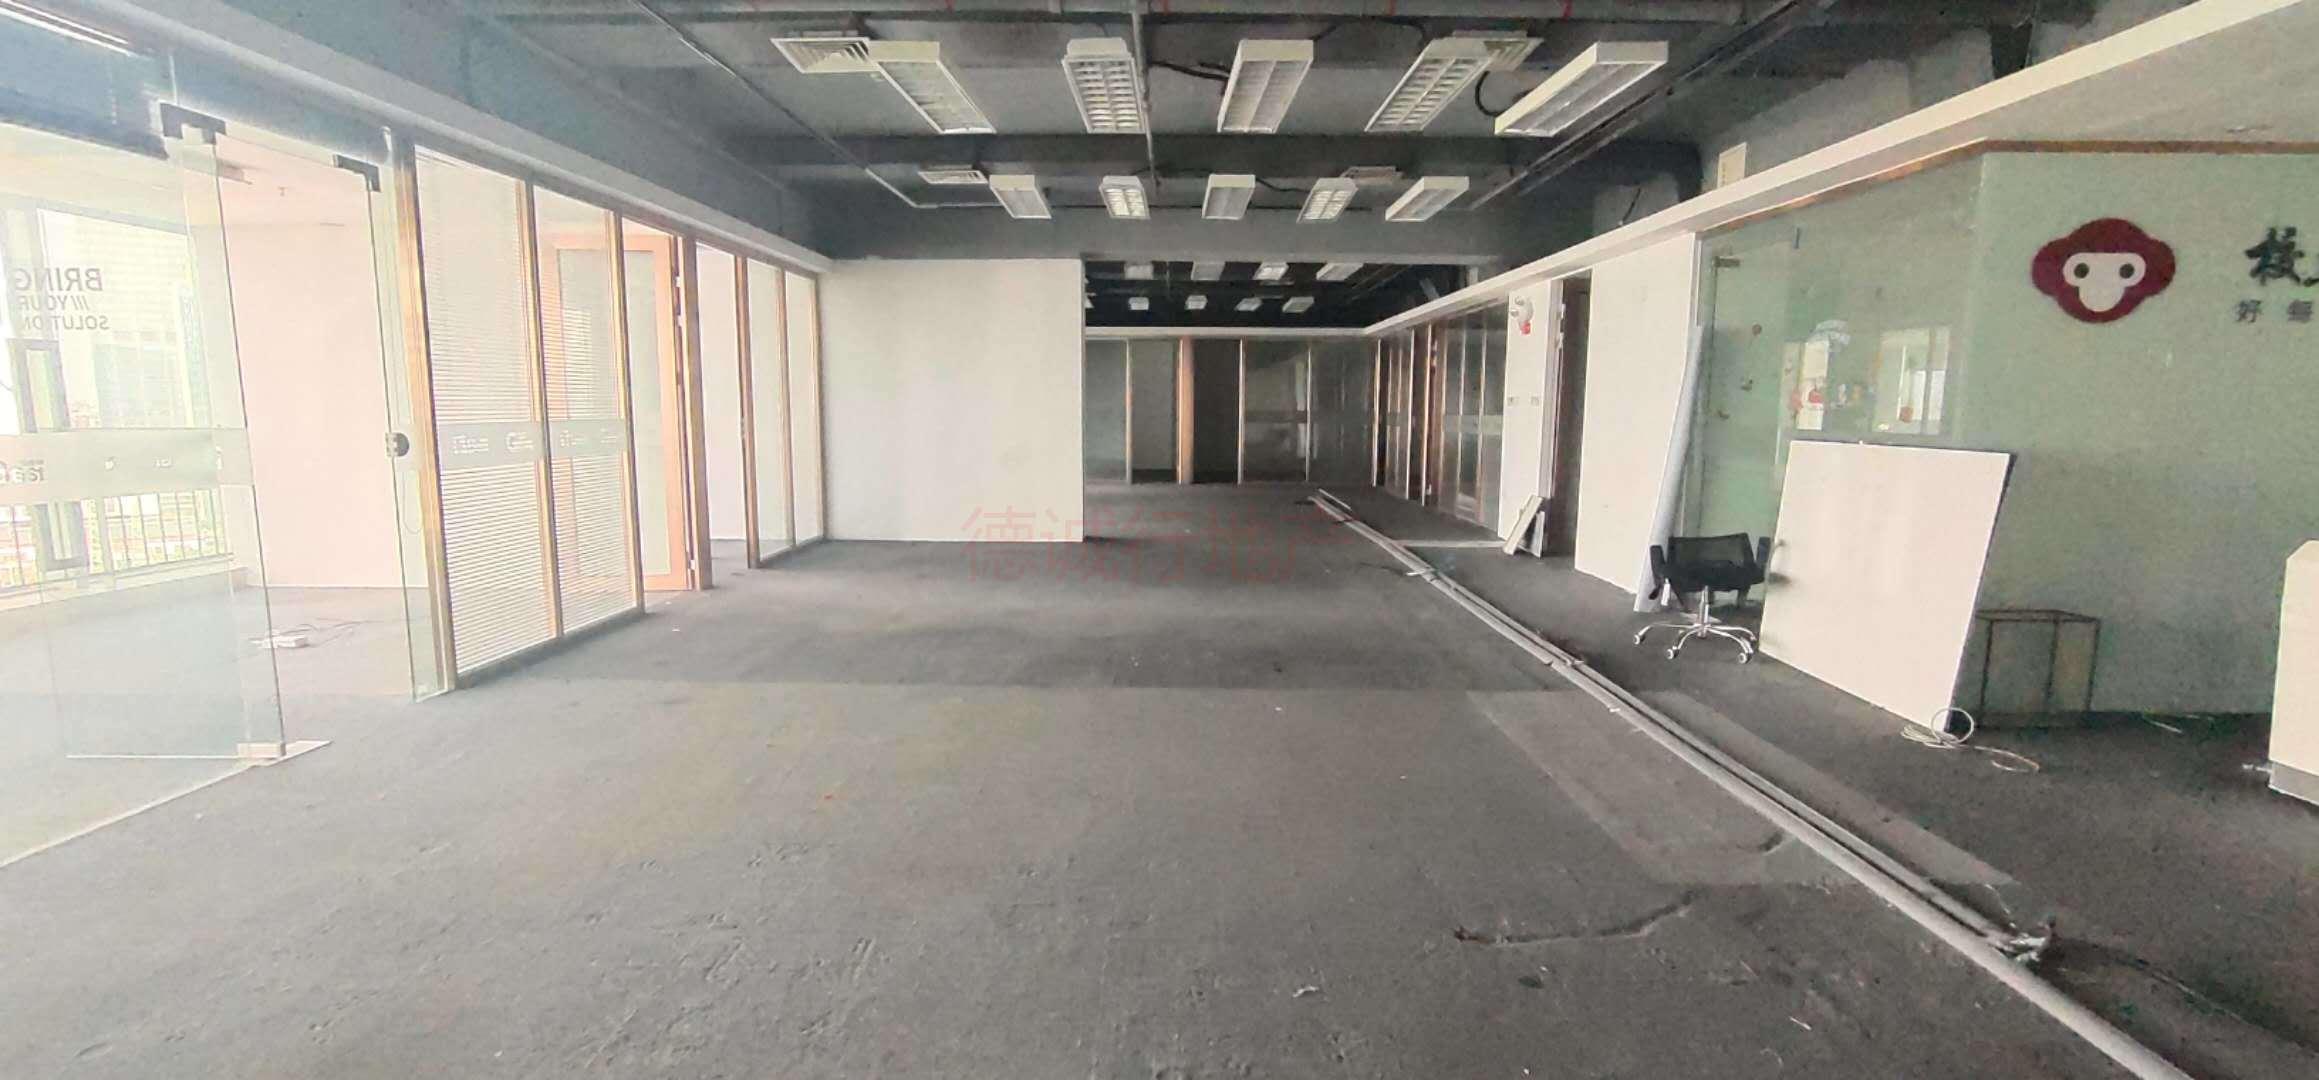 中洲交易中心 急售笋盘 仅500万元